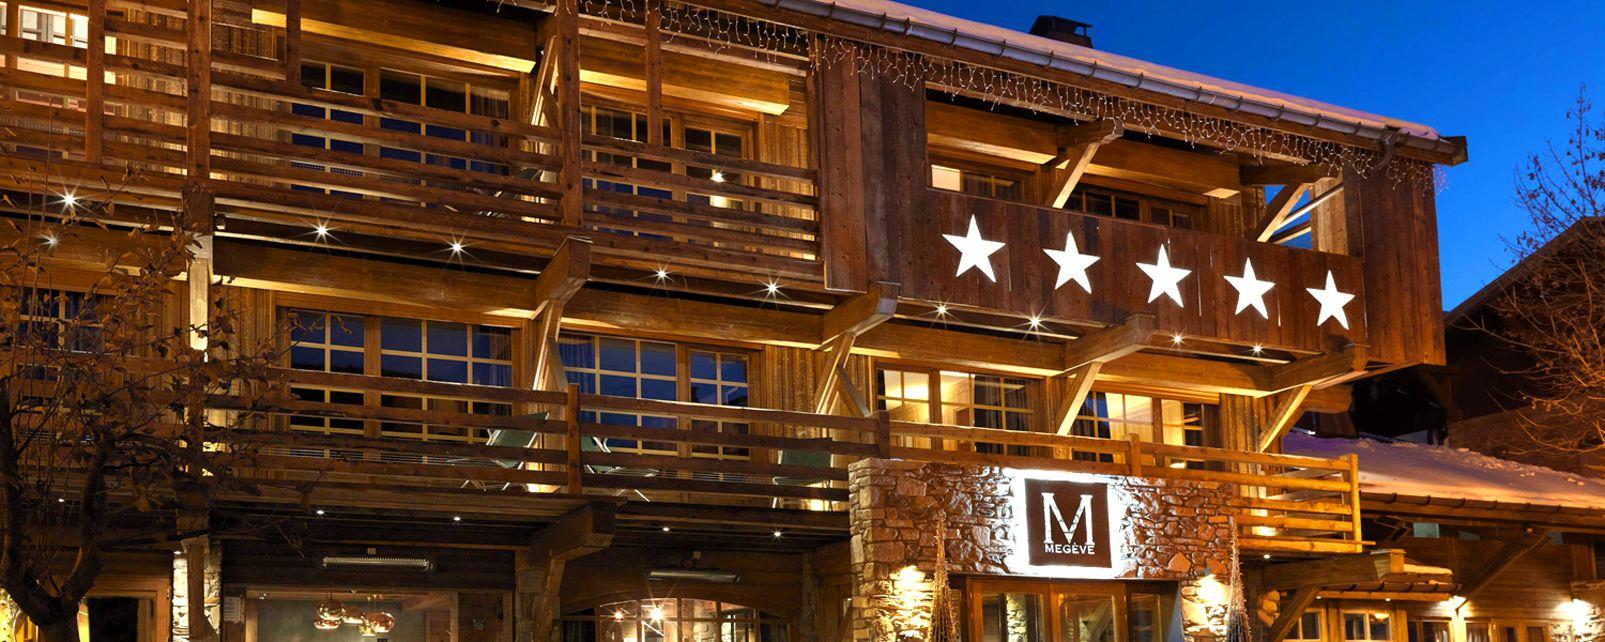 Hôtel M de Megeve